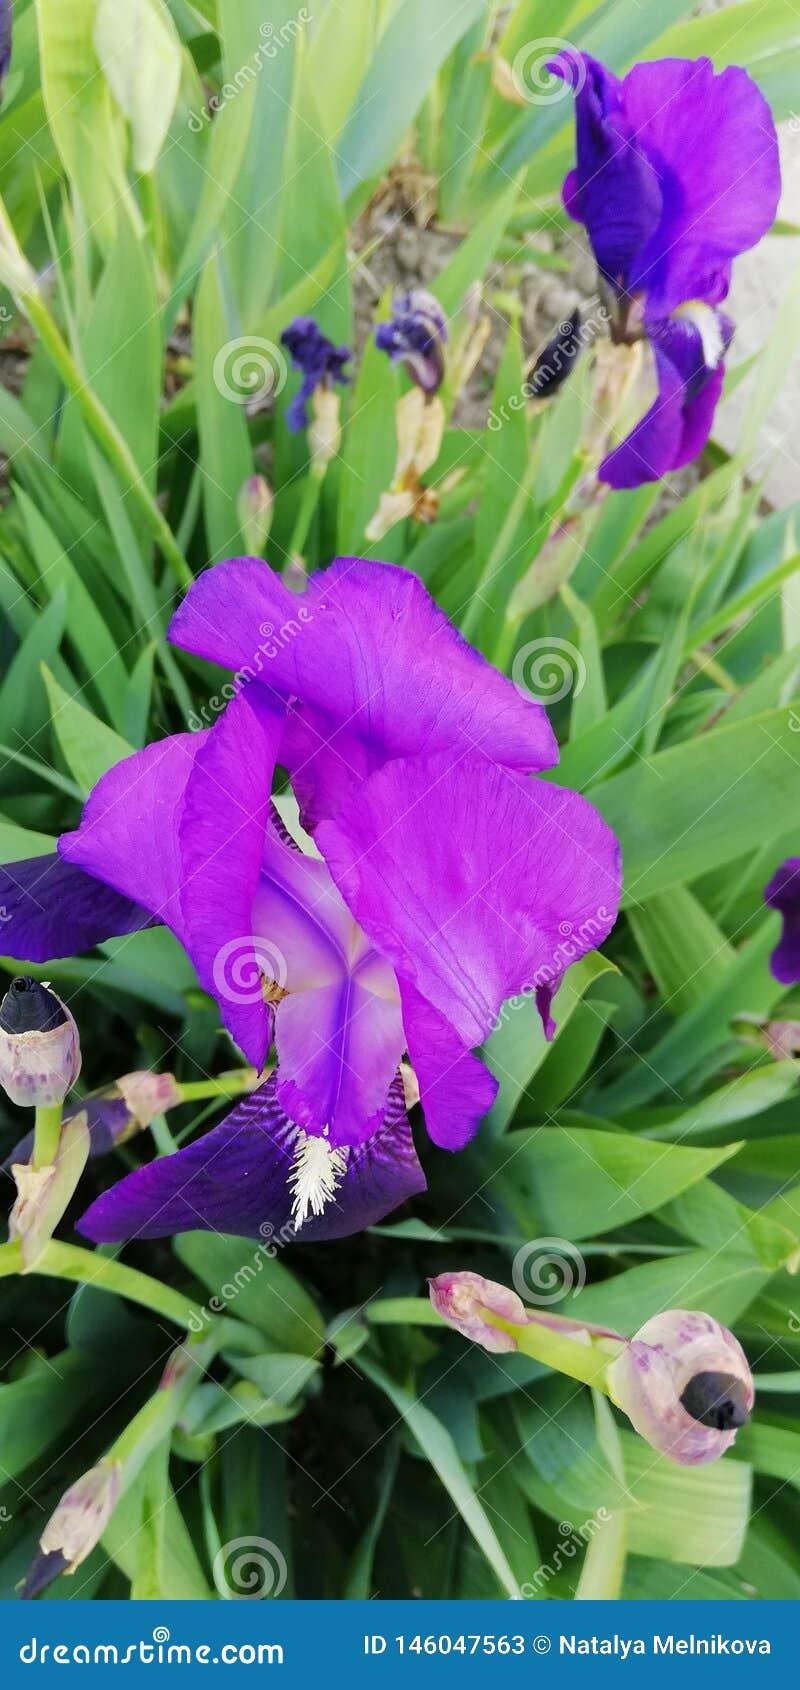 Hintergrund Lebenwunder Vorzügliche Irisblume auf dem Hintergrund von grünen Blättern und von Gras